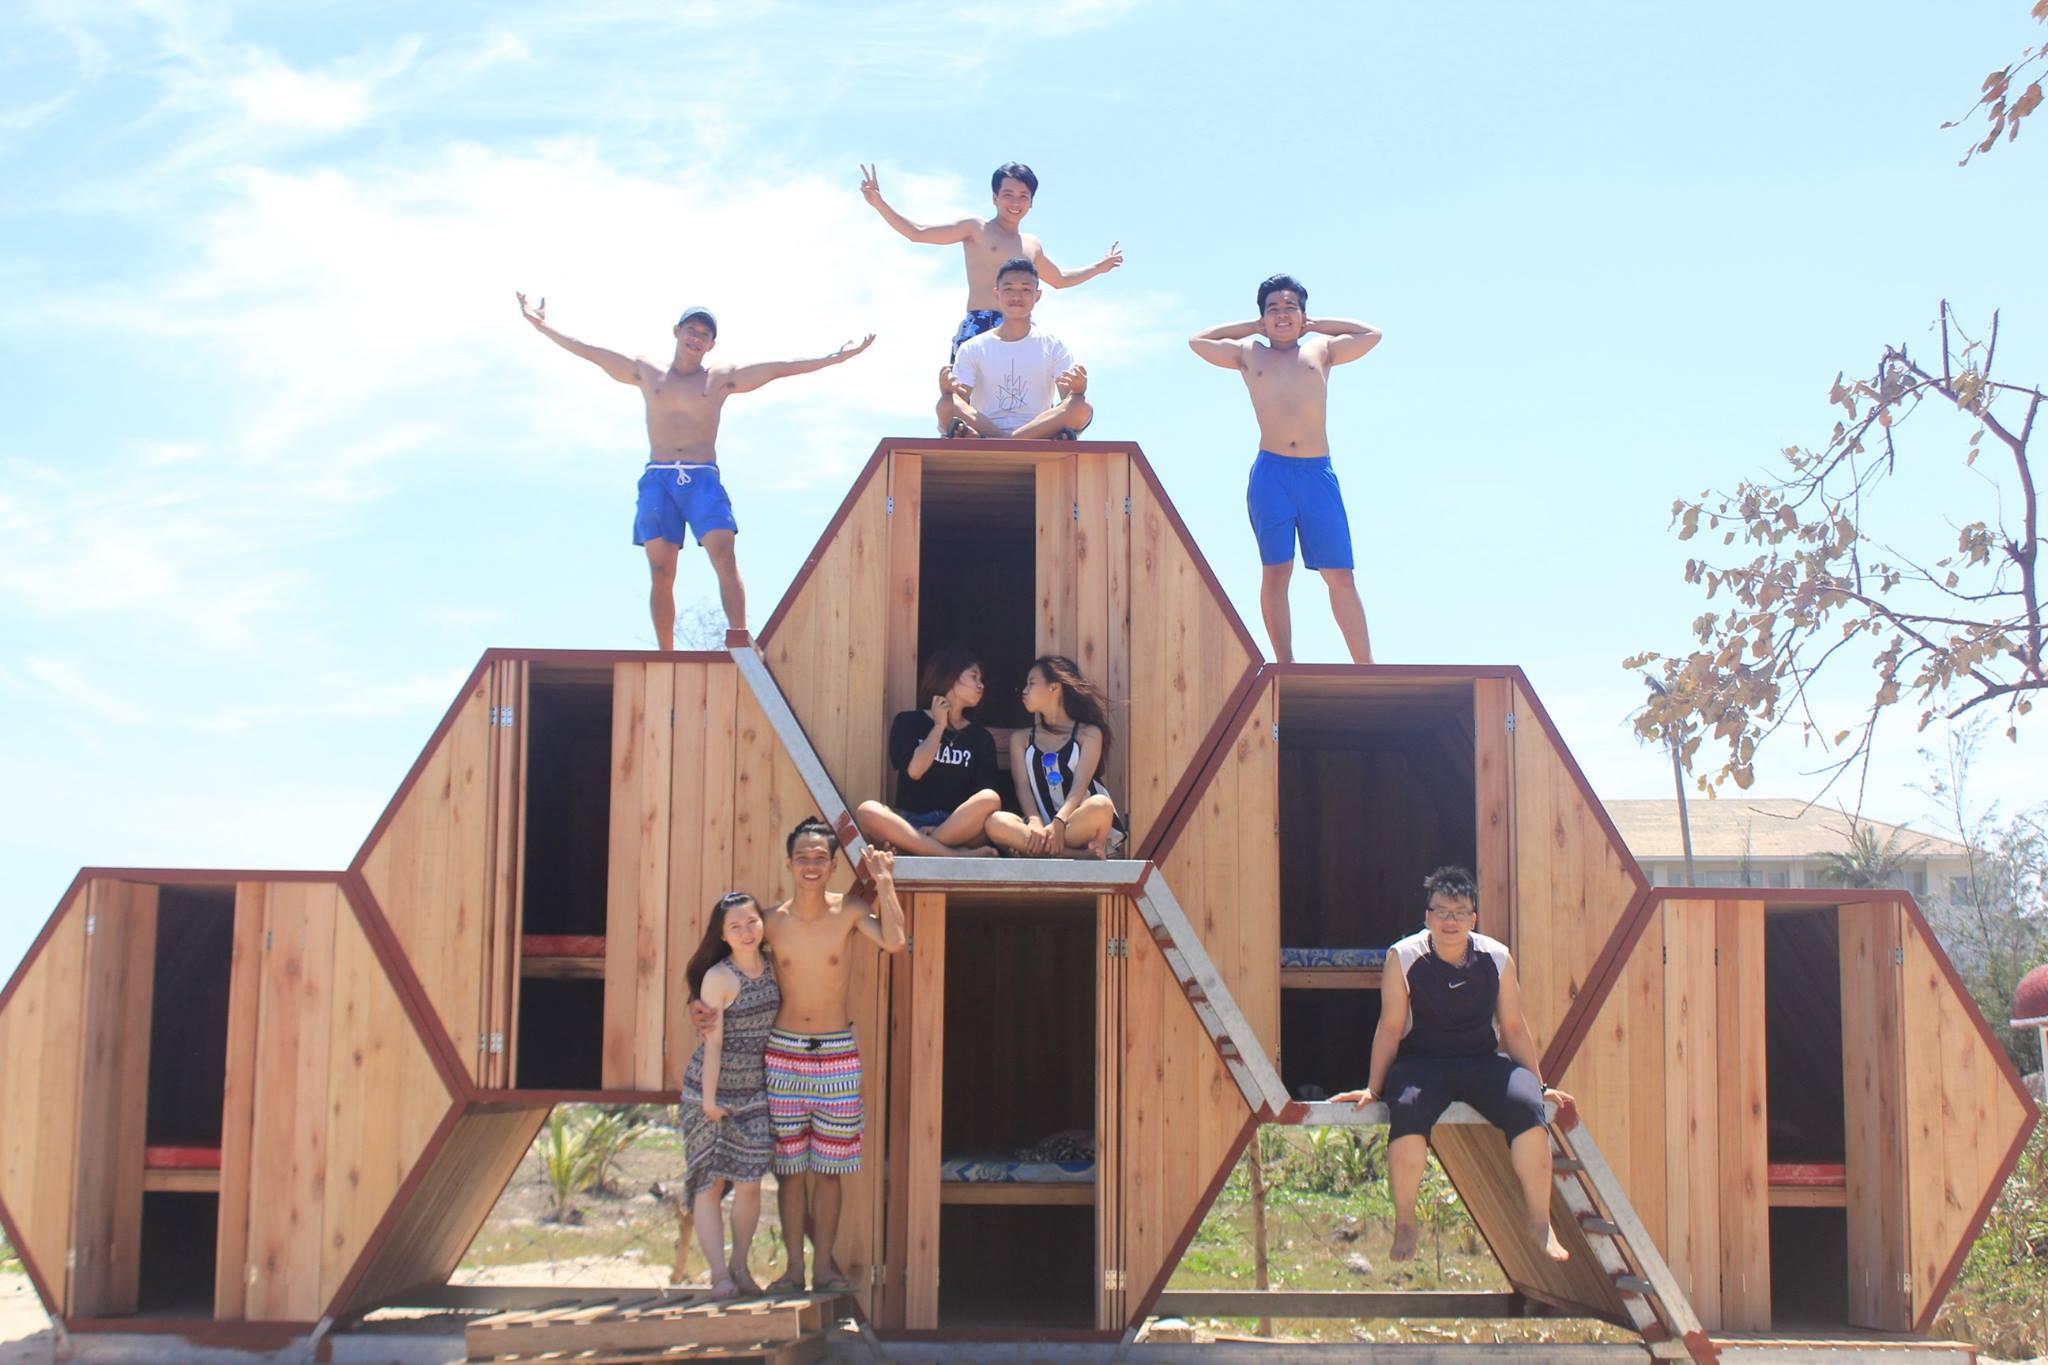 6 địa điểm cắm trại bên biển đẹp và vui hết sảy mà bạn đừng bỏ lỡ - Ảnh 42.